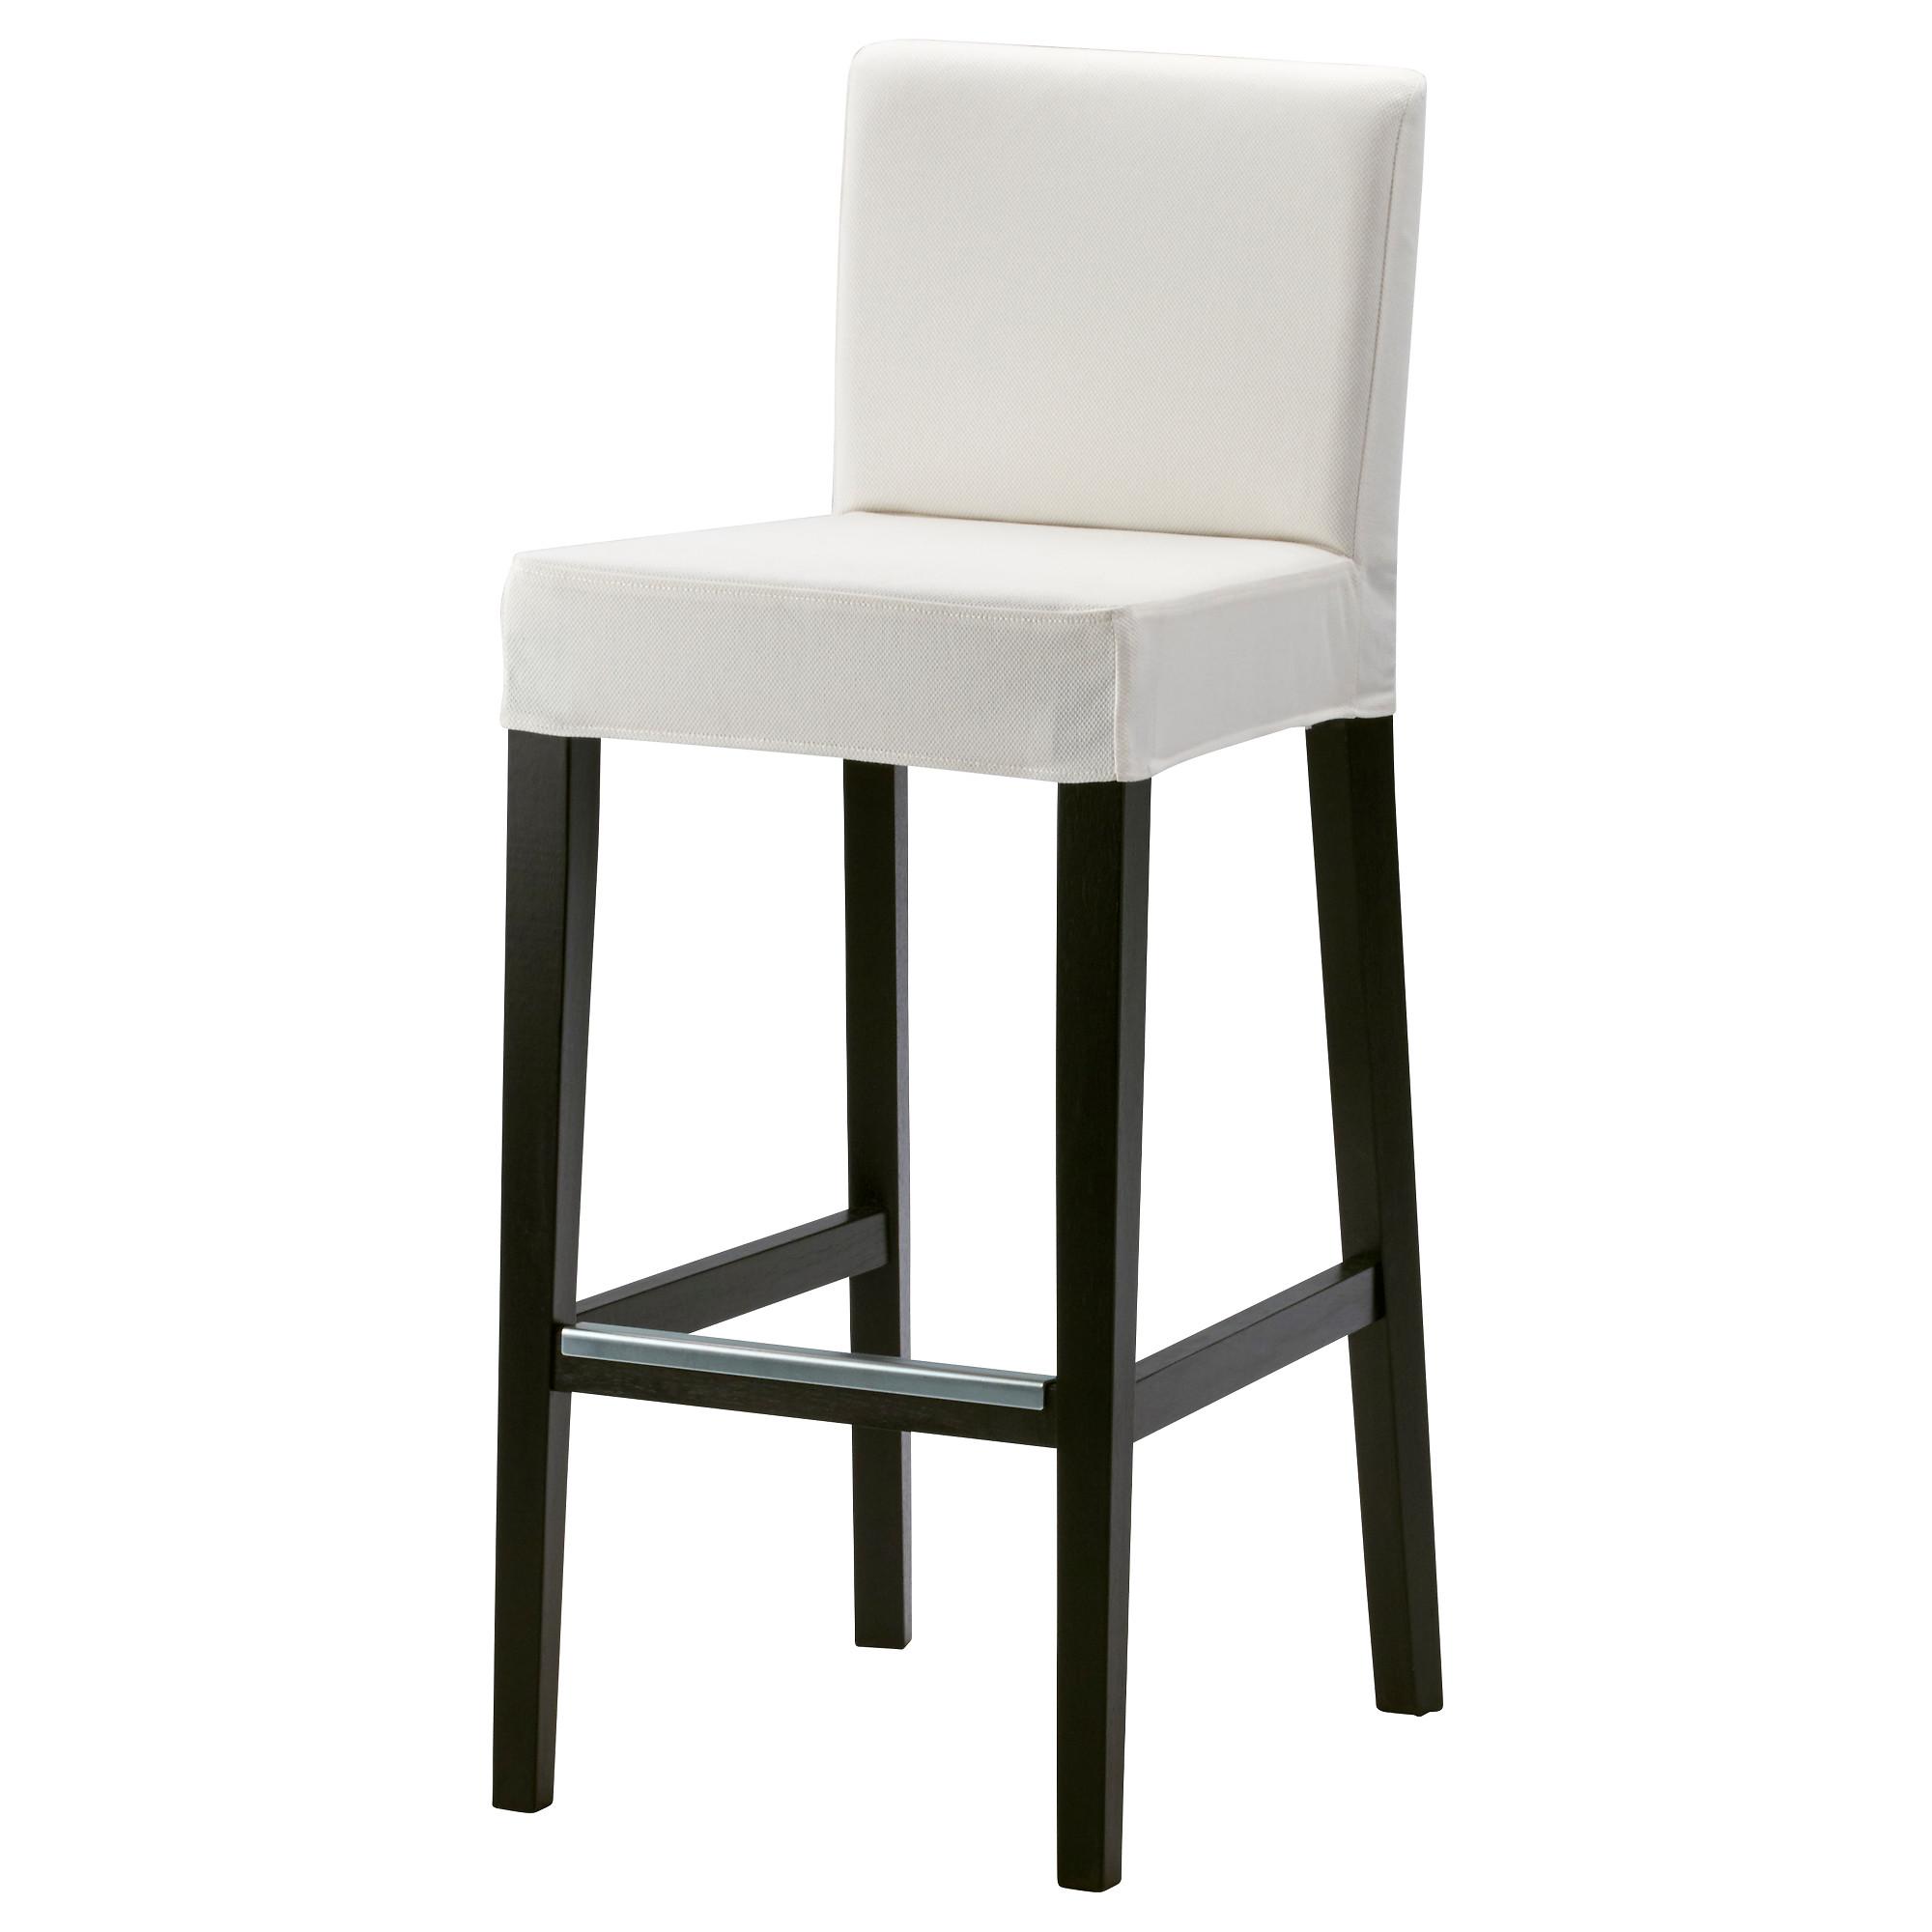 white bar stools henriksdal bar stool with backrest, brown-black, gräsbo white tested for:  243 YECXMDG